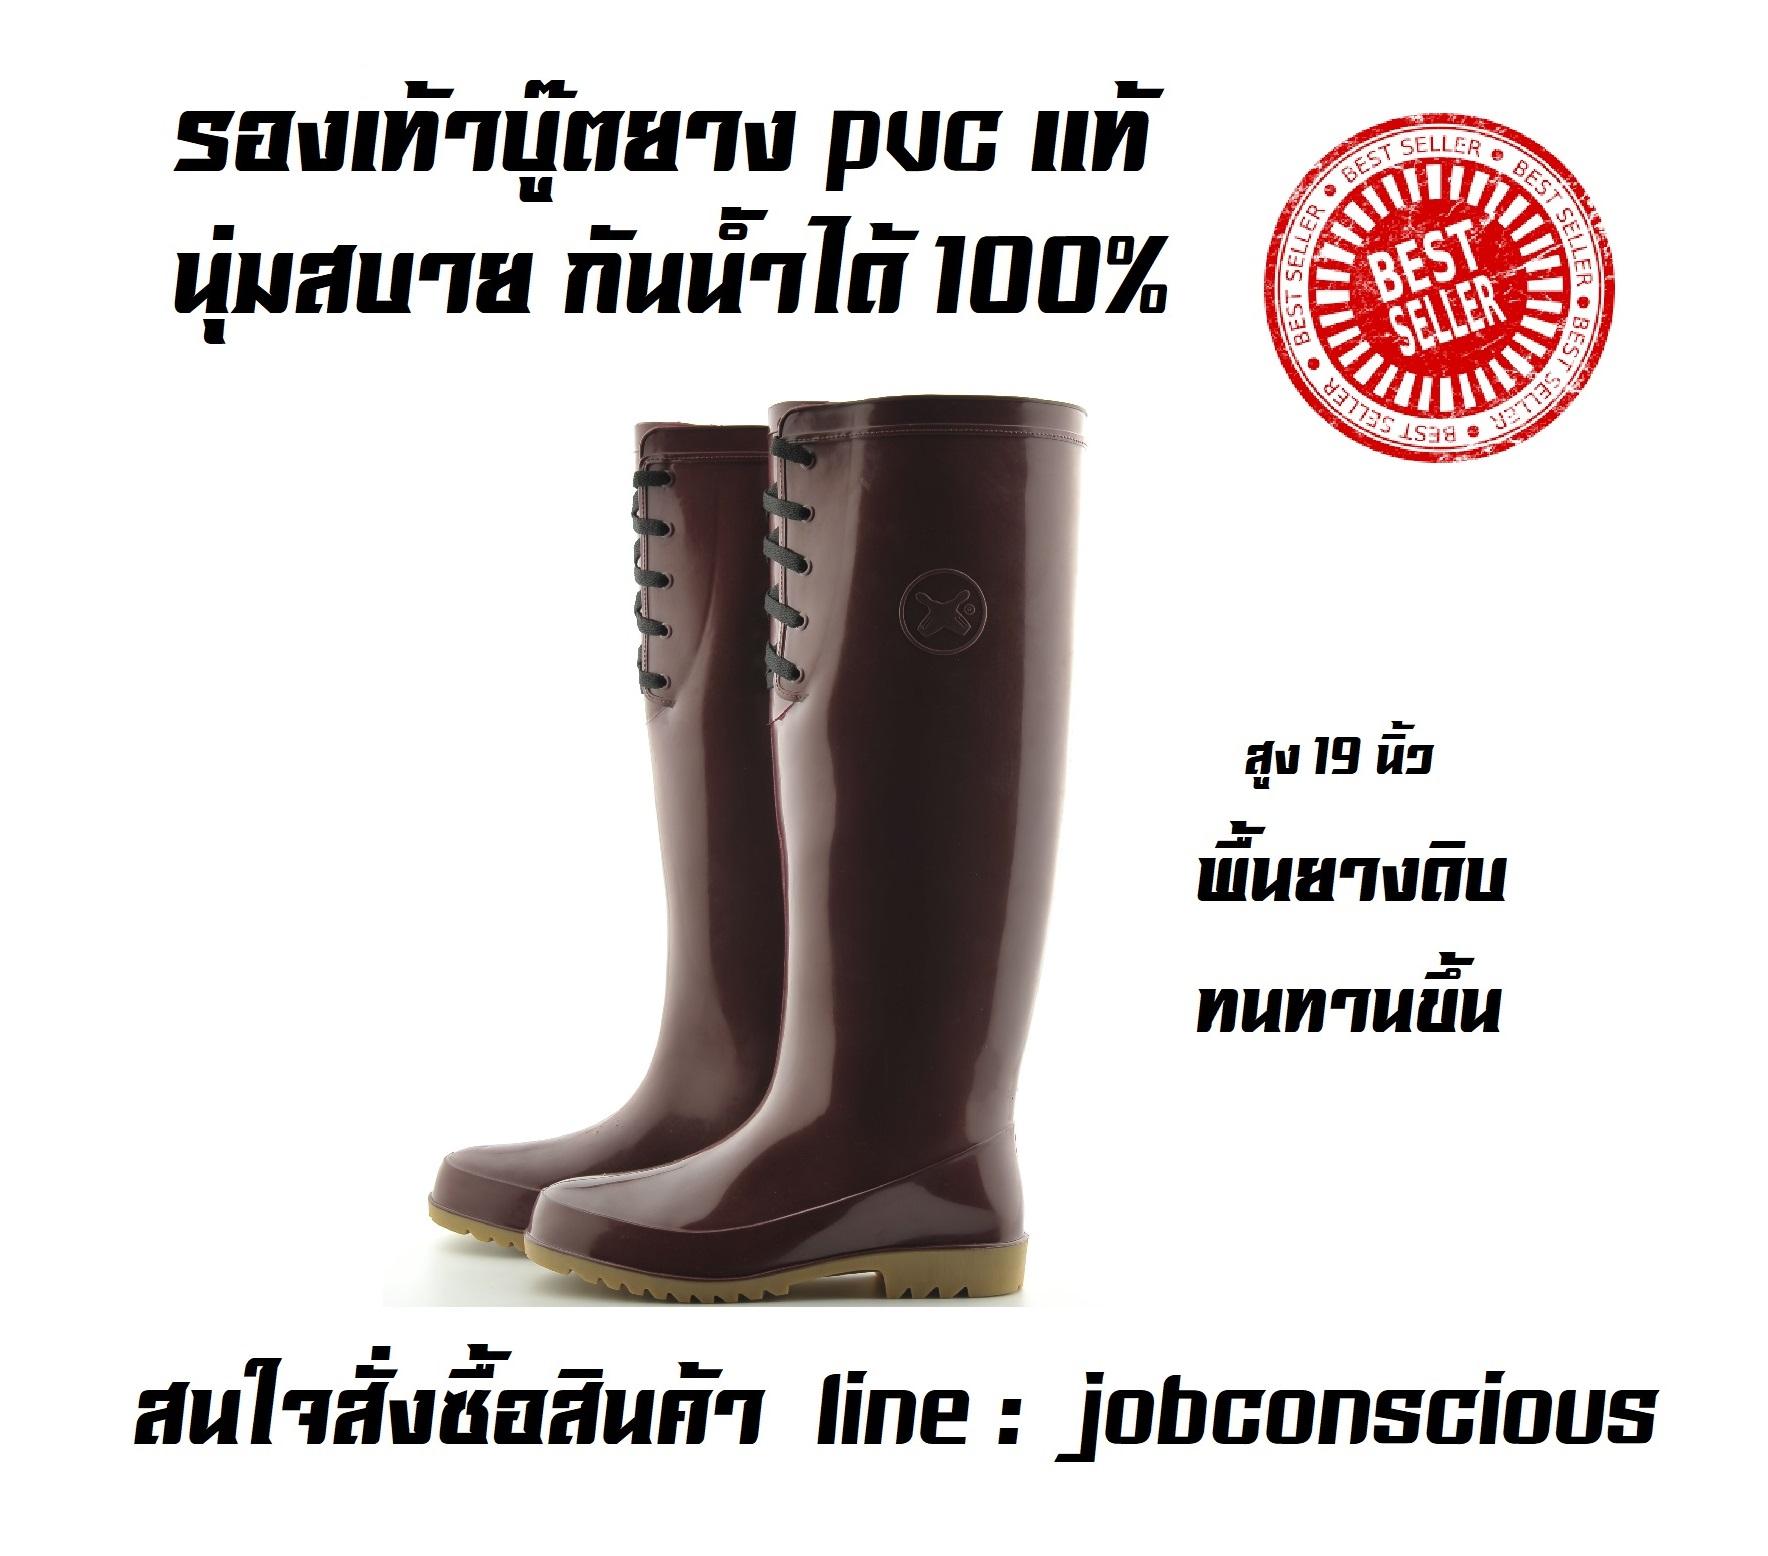 รองเท้าบูทสี พื้นยางดิบ ยาว19 นิ้ว พื้นยางดิบ เนื้อยางหนา ทน นุ่ม ใส่สบายสุดๆ พื้นยางดิบเสริมความทนทาน สีน้ำตาล เหมาะสำหรับ งานอุตสาหกรรมและ กสิกรรม